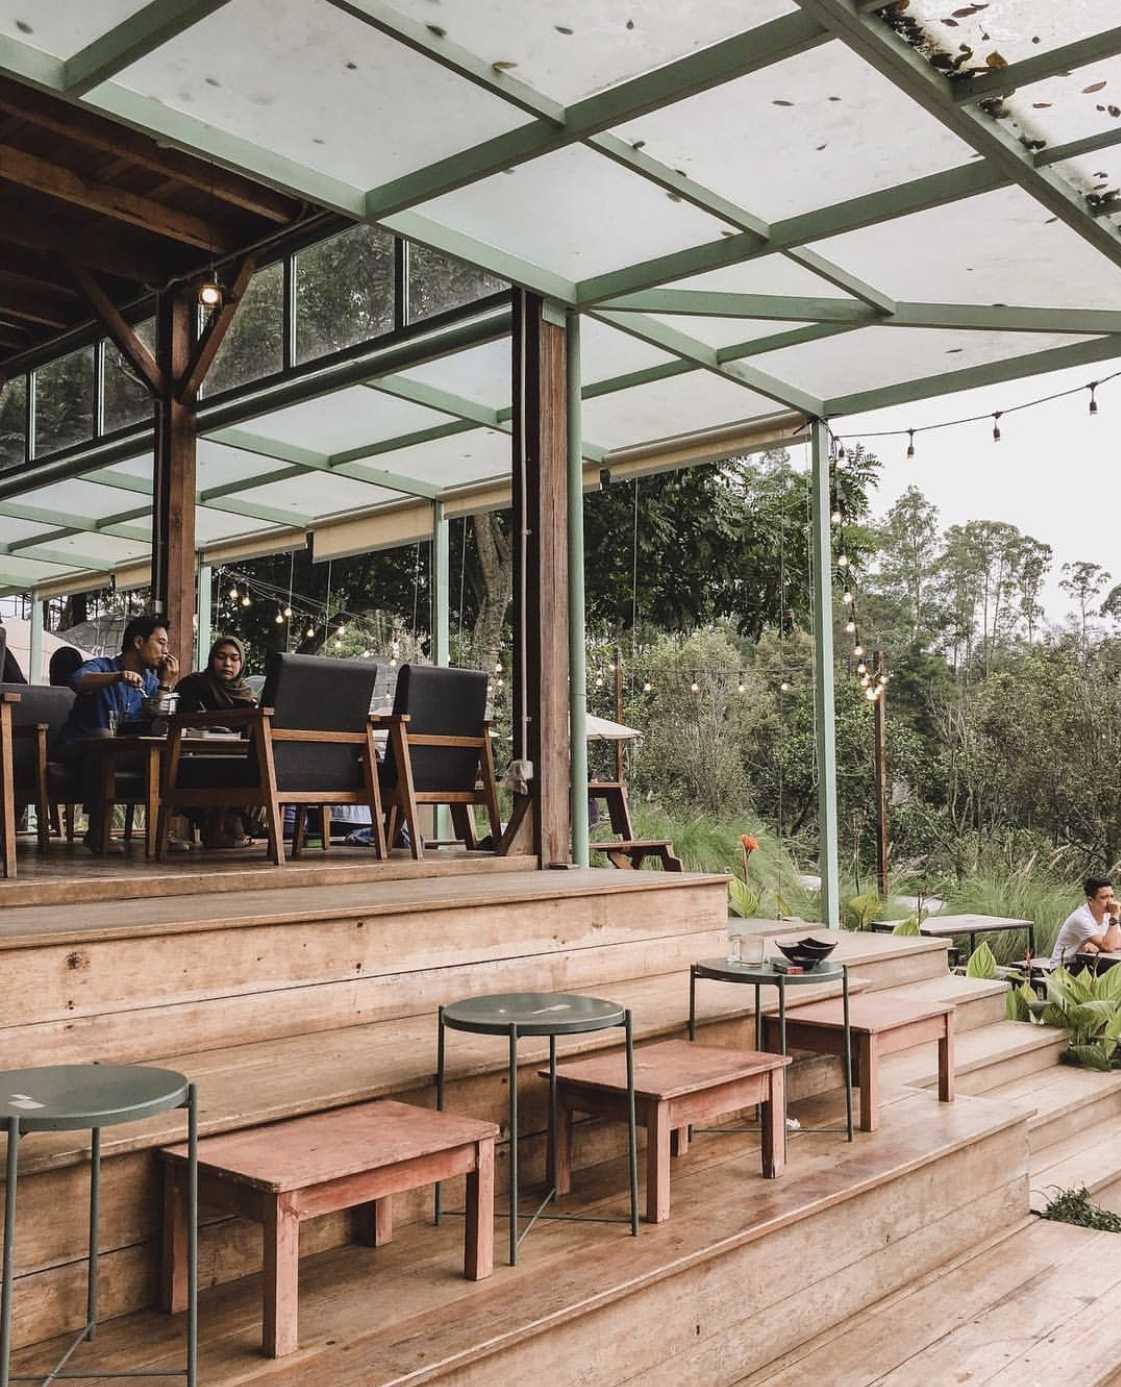 Penggunaan maksimal material kayu di Utara Café karya Wandi Uwa Krisdian (Sumber: arsitag.com)